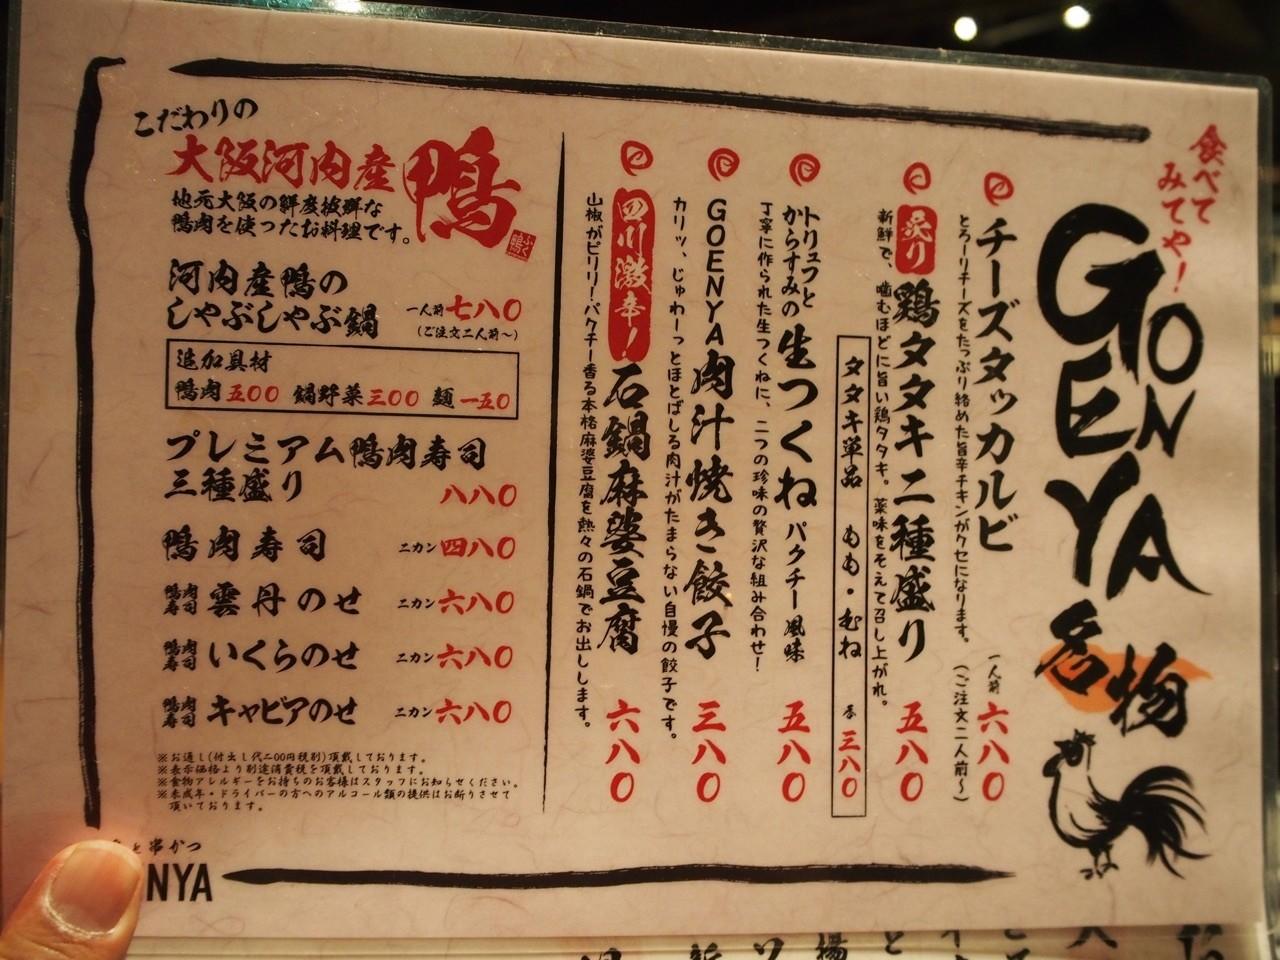 GOENYA 推薦菜單